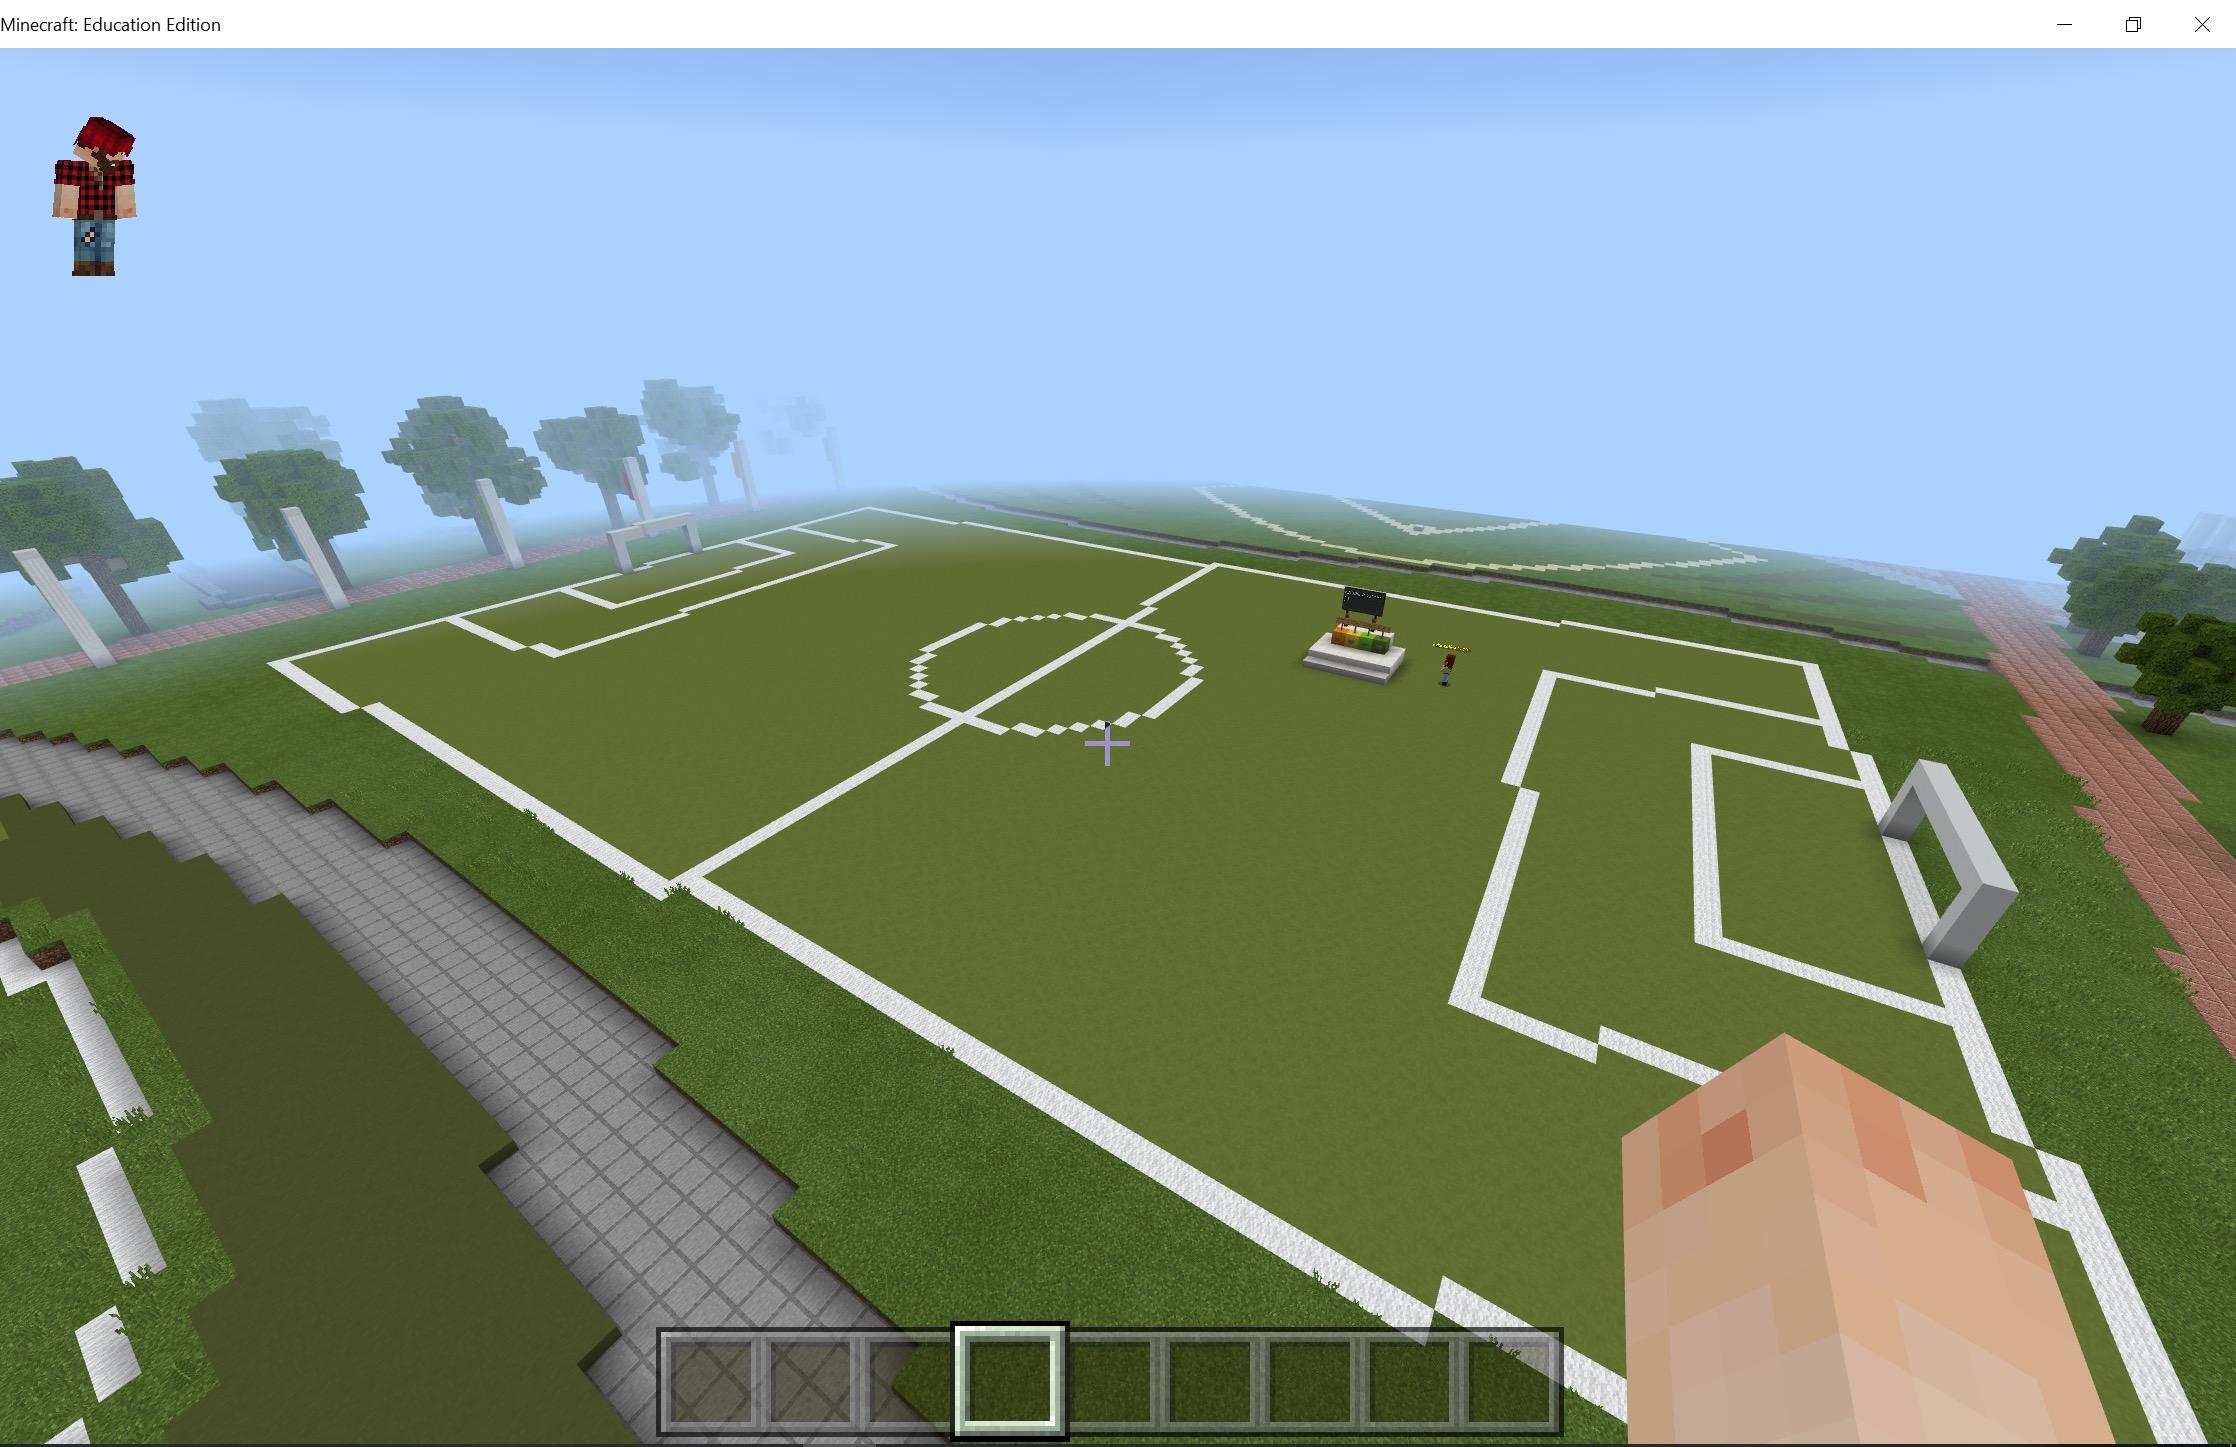 V novém kampusu Microsoftu nebude chybět fotbalové hřiště